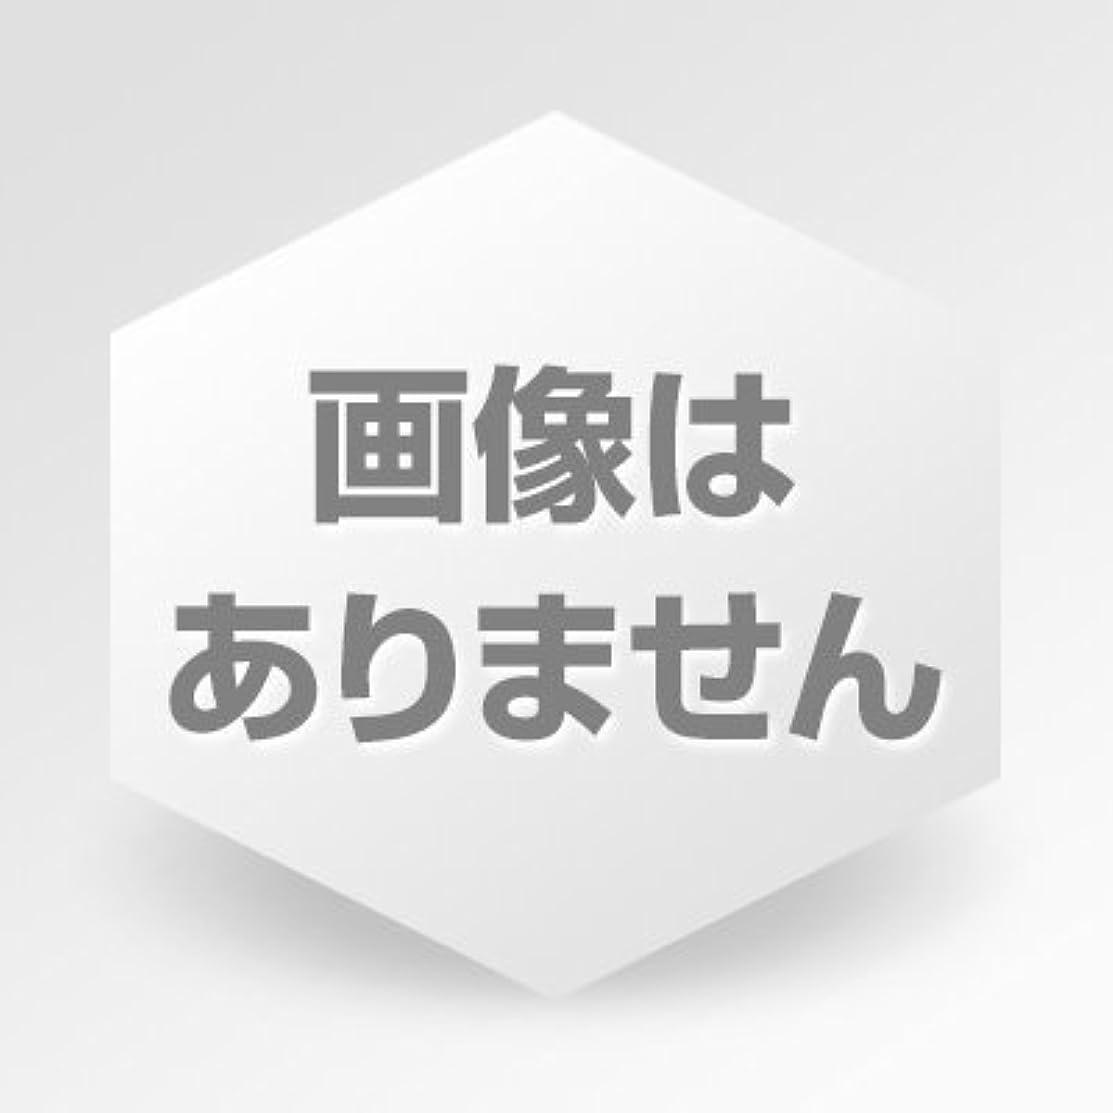 矢印トリム論争セフィーヌ ナノミック アイケアEG EX 20ml